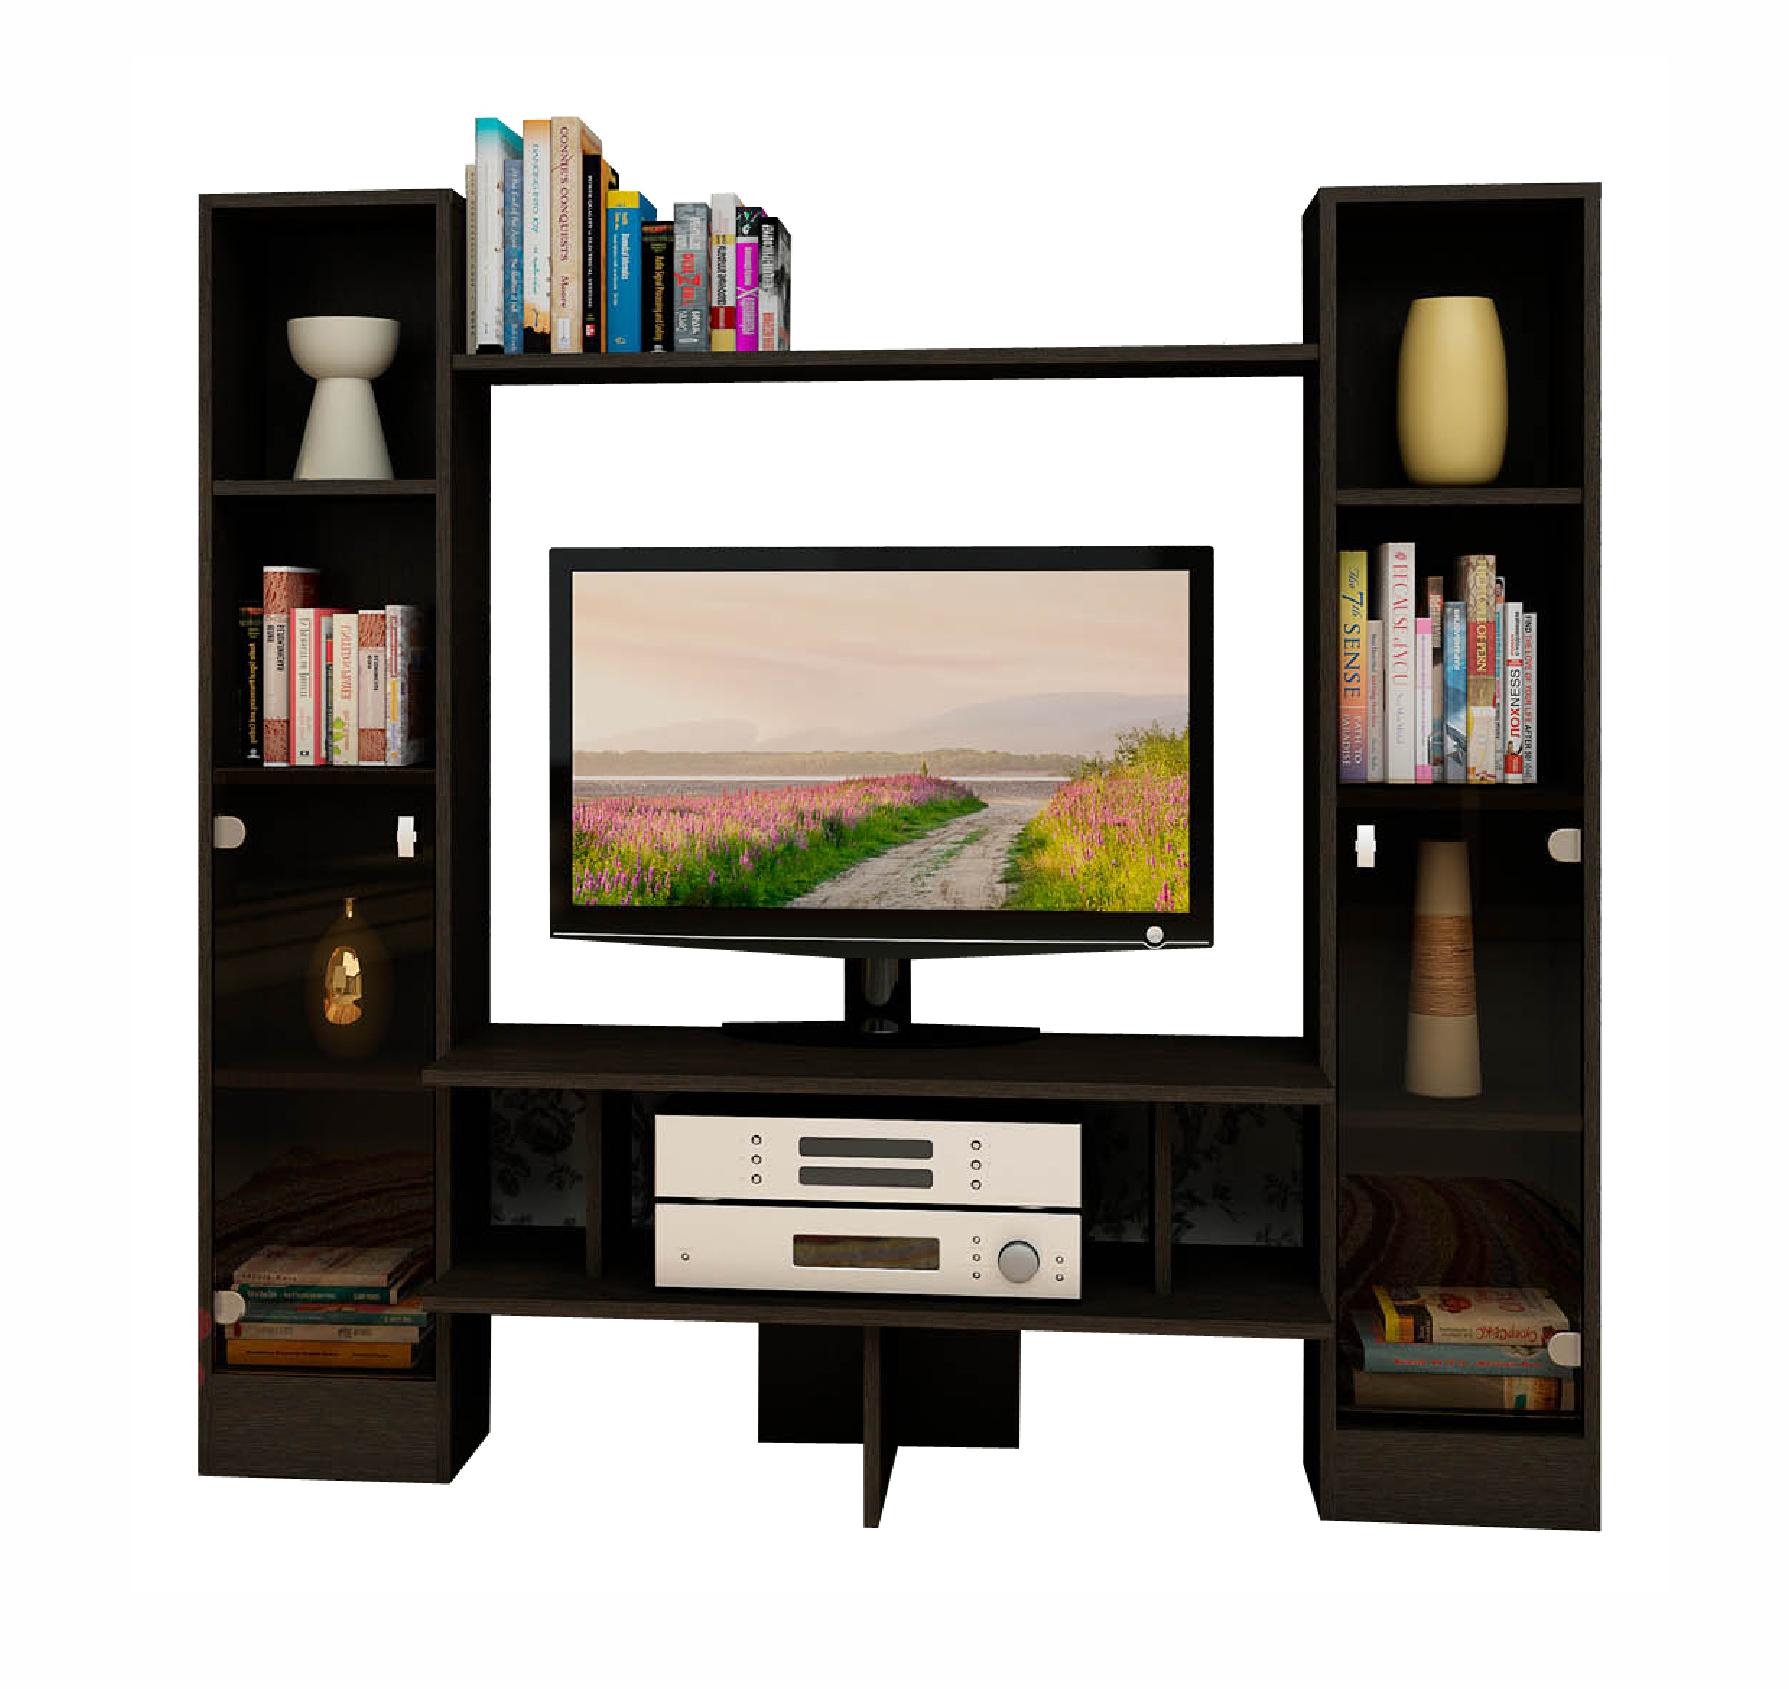 Тумба под ТВ-603Тумбы под телевизор<br>Размер: 1460х1370х350<br><br>Материалы: ЛДСП Kronospan - 16 мм., кромка ПВХ - 0,4 мм., стекло<br>Полный размер (ДхВхГ): 1460х1370х350<br>Ниша под ТВ: 860х754<br>Примечание: Доставляется в разобранном виде<br>Изготовление и доставка: 10-14 дней<br>Условия доставки: Бесплатная по Москве до подъезда<br>Условие оплаты: Оплата наличными при получении товара<br>Доставка по МО (за пределами МКАД): 30 руб./км<br>Доставка в пределах ТТК: Доставка в центр Москвы осуществляется ночью, с 22.00 до 6.00 утра<br>Подъем на грузовом лифте: 500 руб.<br>Подъем без лифта: 150 руб./этаж, включая первый<br>Сборка: 1000 руб.<br>Гарантия: 12 месяцев<br>Производство: Россия<br>Производитель: Grey